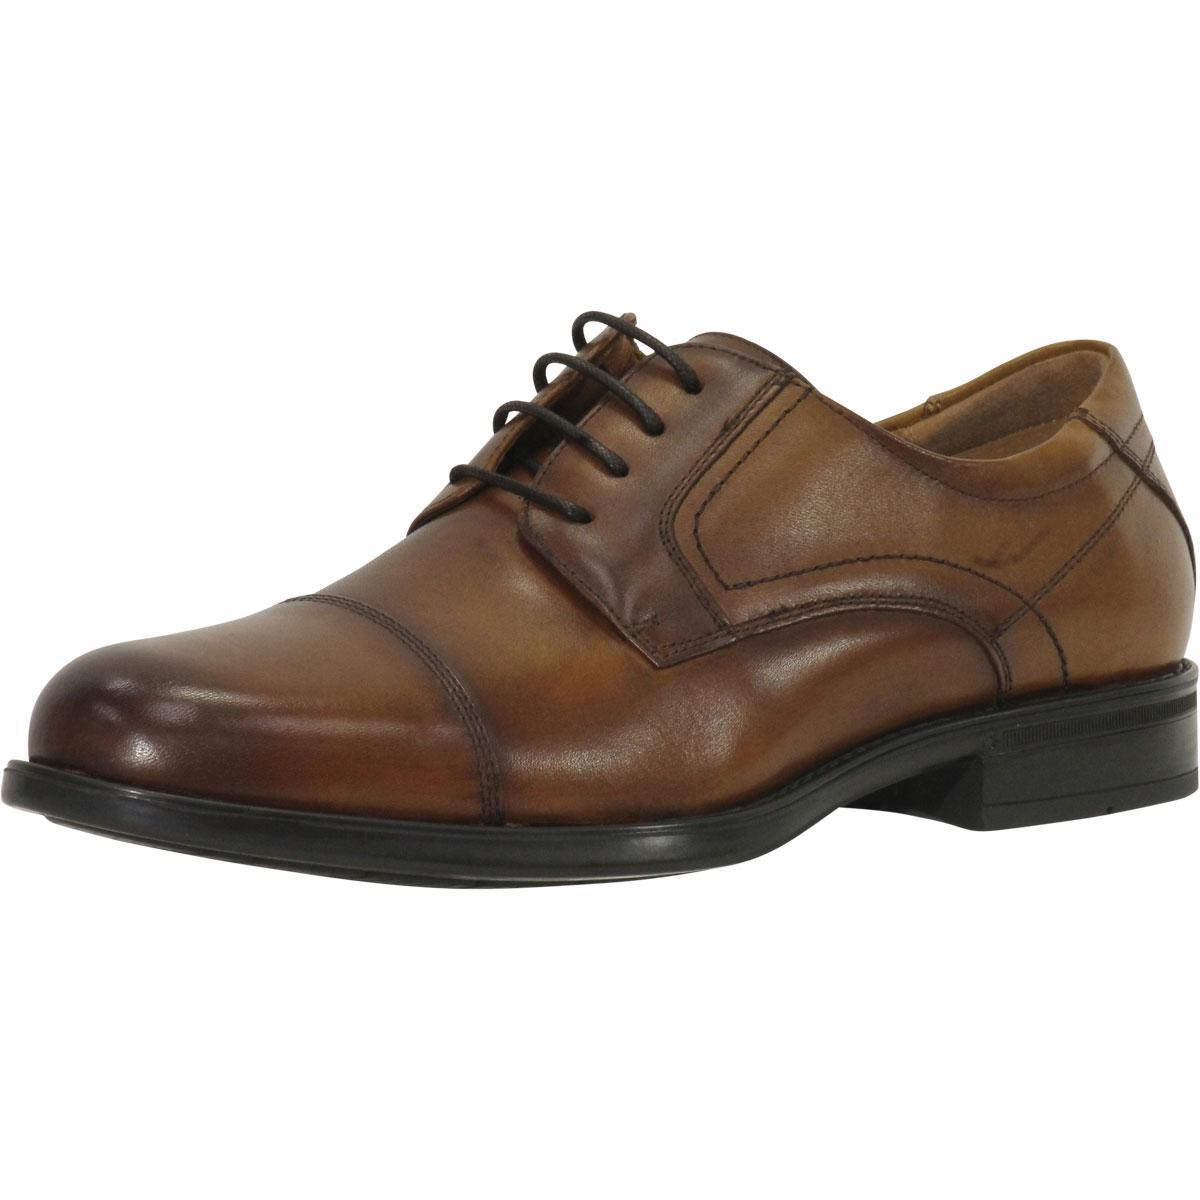 Image of Florsheim Comfortech Men's Midtown Cap Toe Oxfords Shoes - Cognac - 11 D(M) US